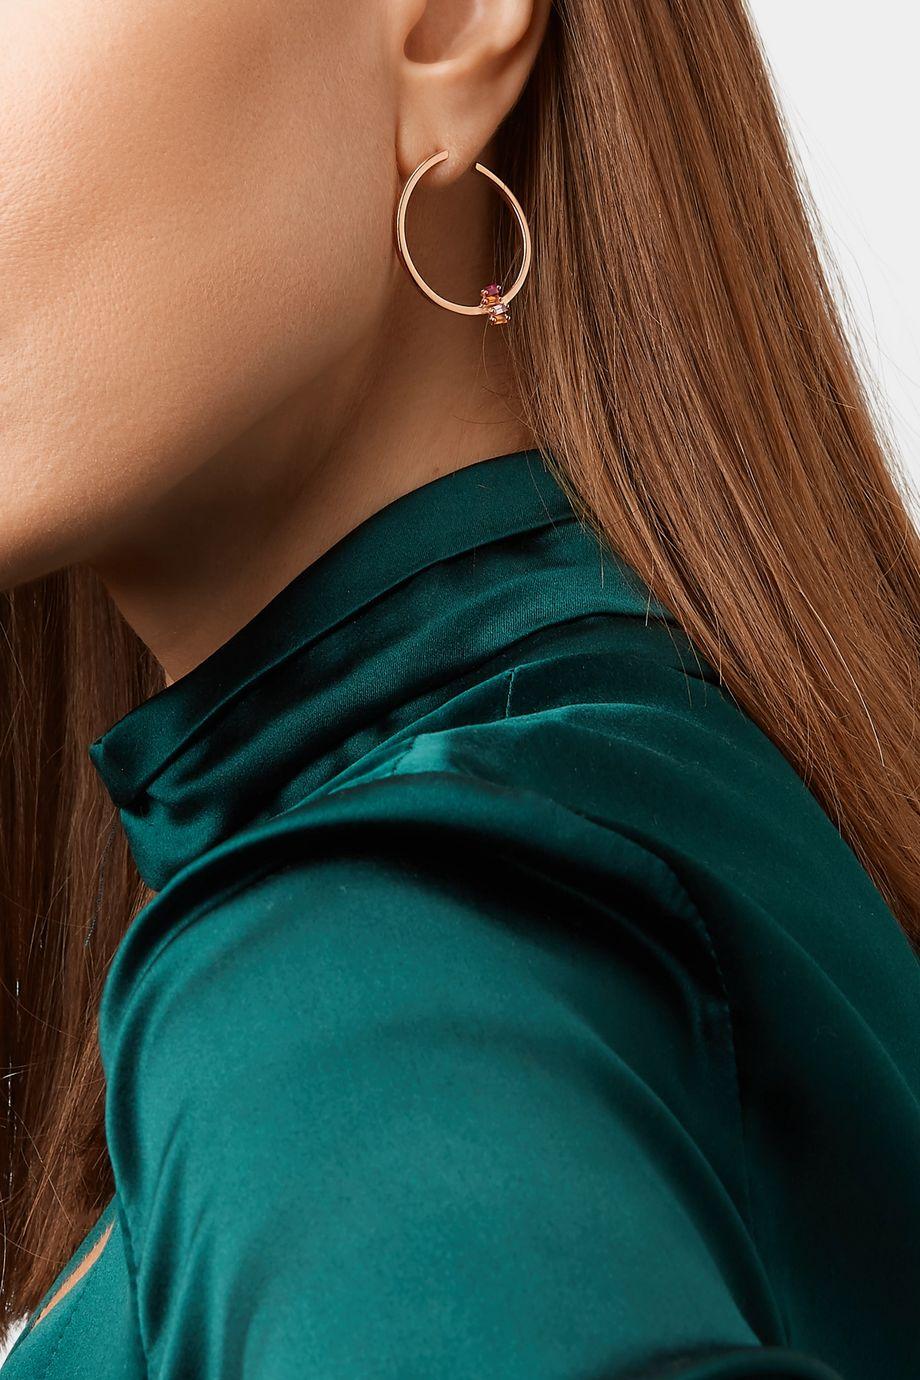 Suzanne Kalan Boucles d'oreilles en or rose 18 carats et saphirs